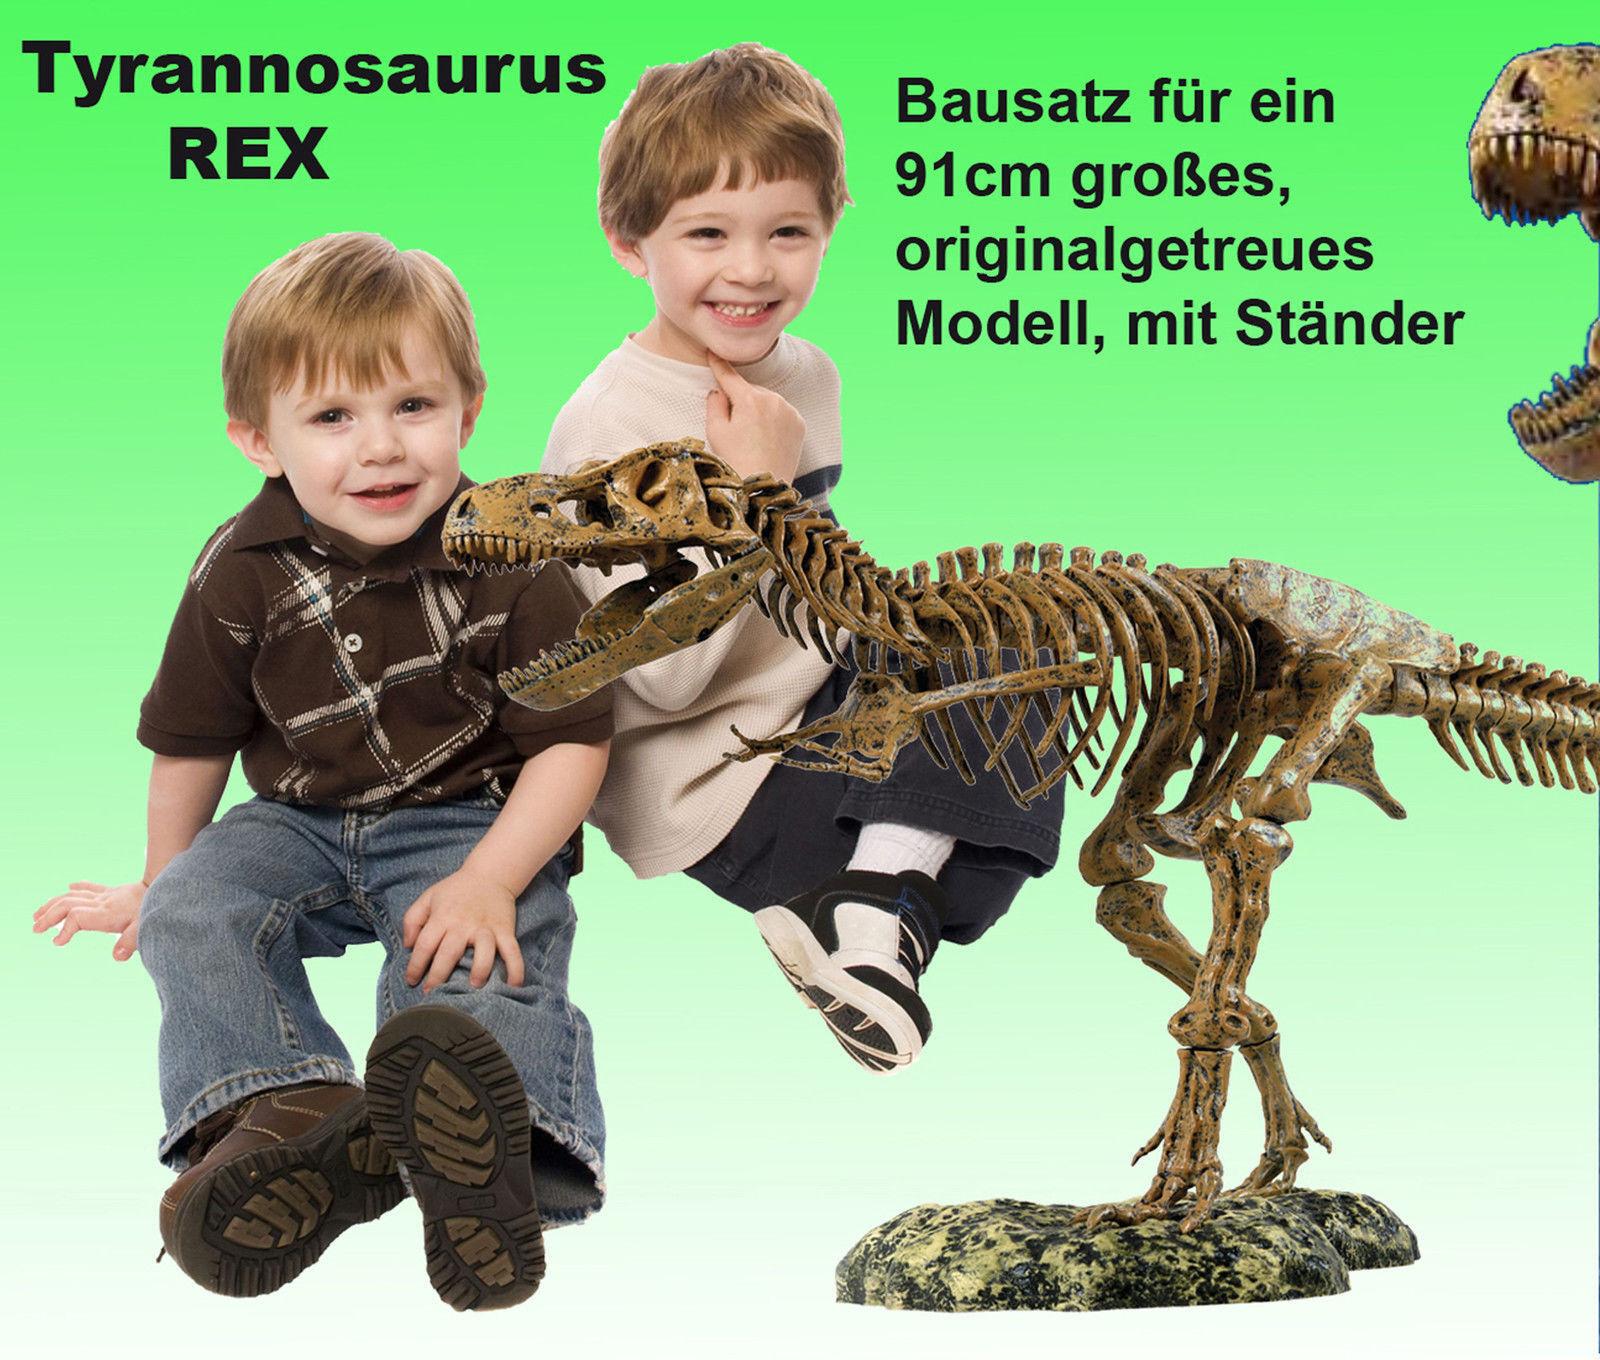 RiesigesTyrannosaurus Rex Skelett - 91cm groß - T-Rex  Modell XL Dinosaurier